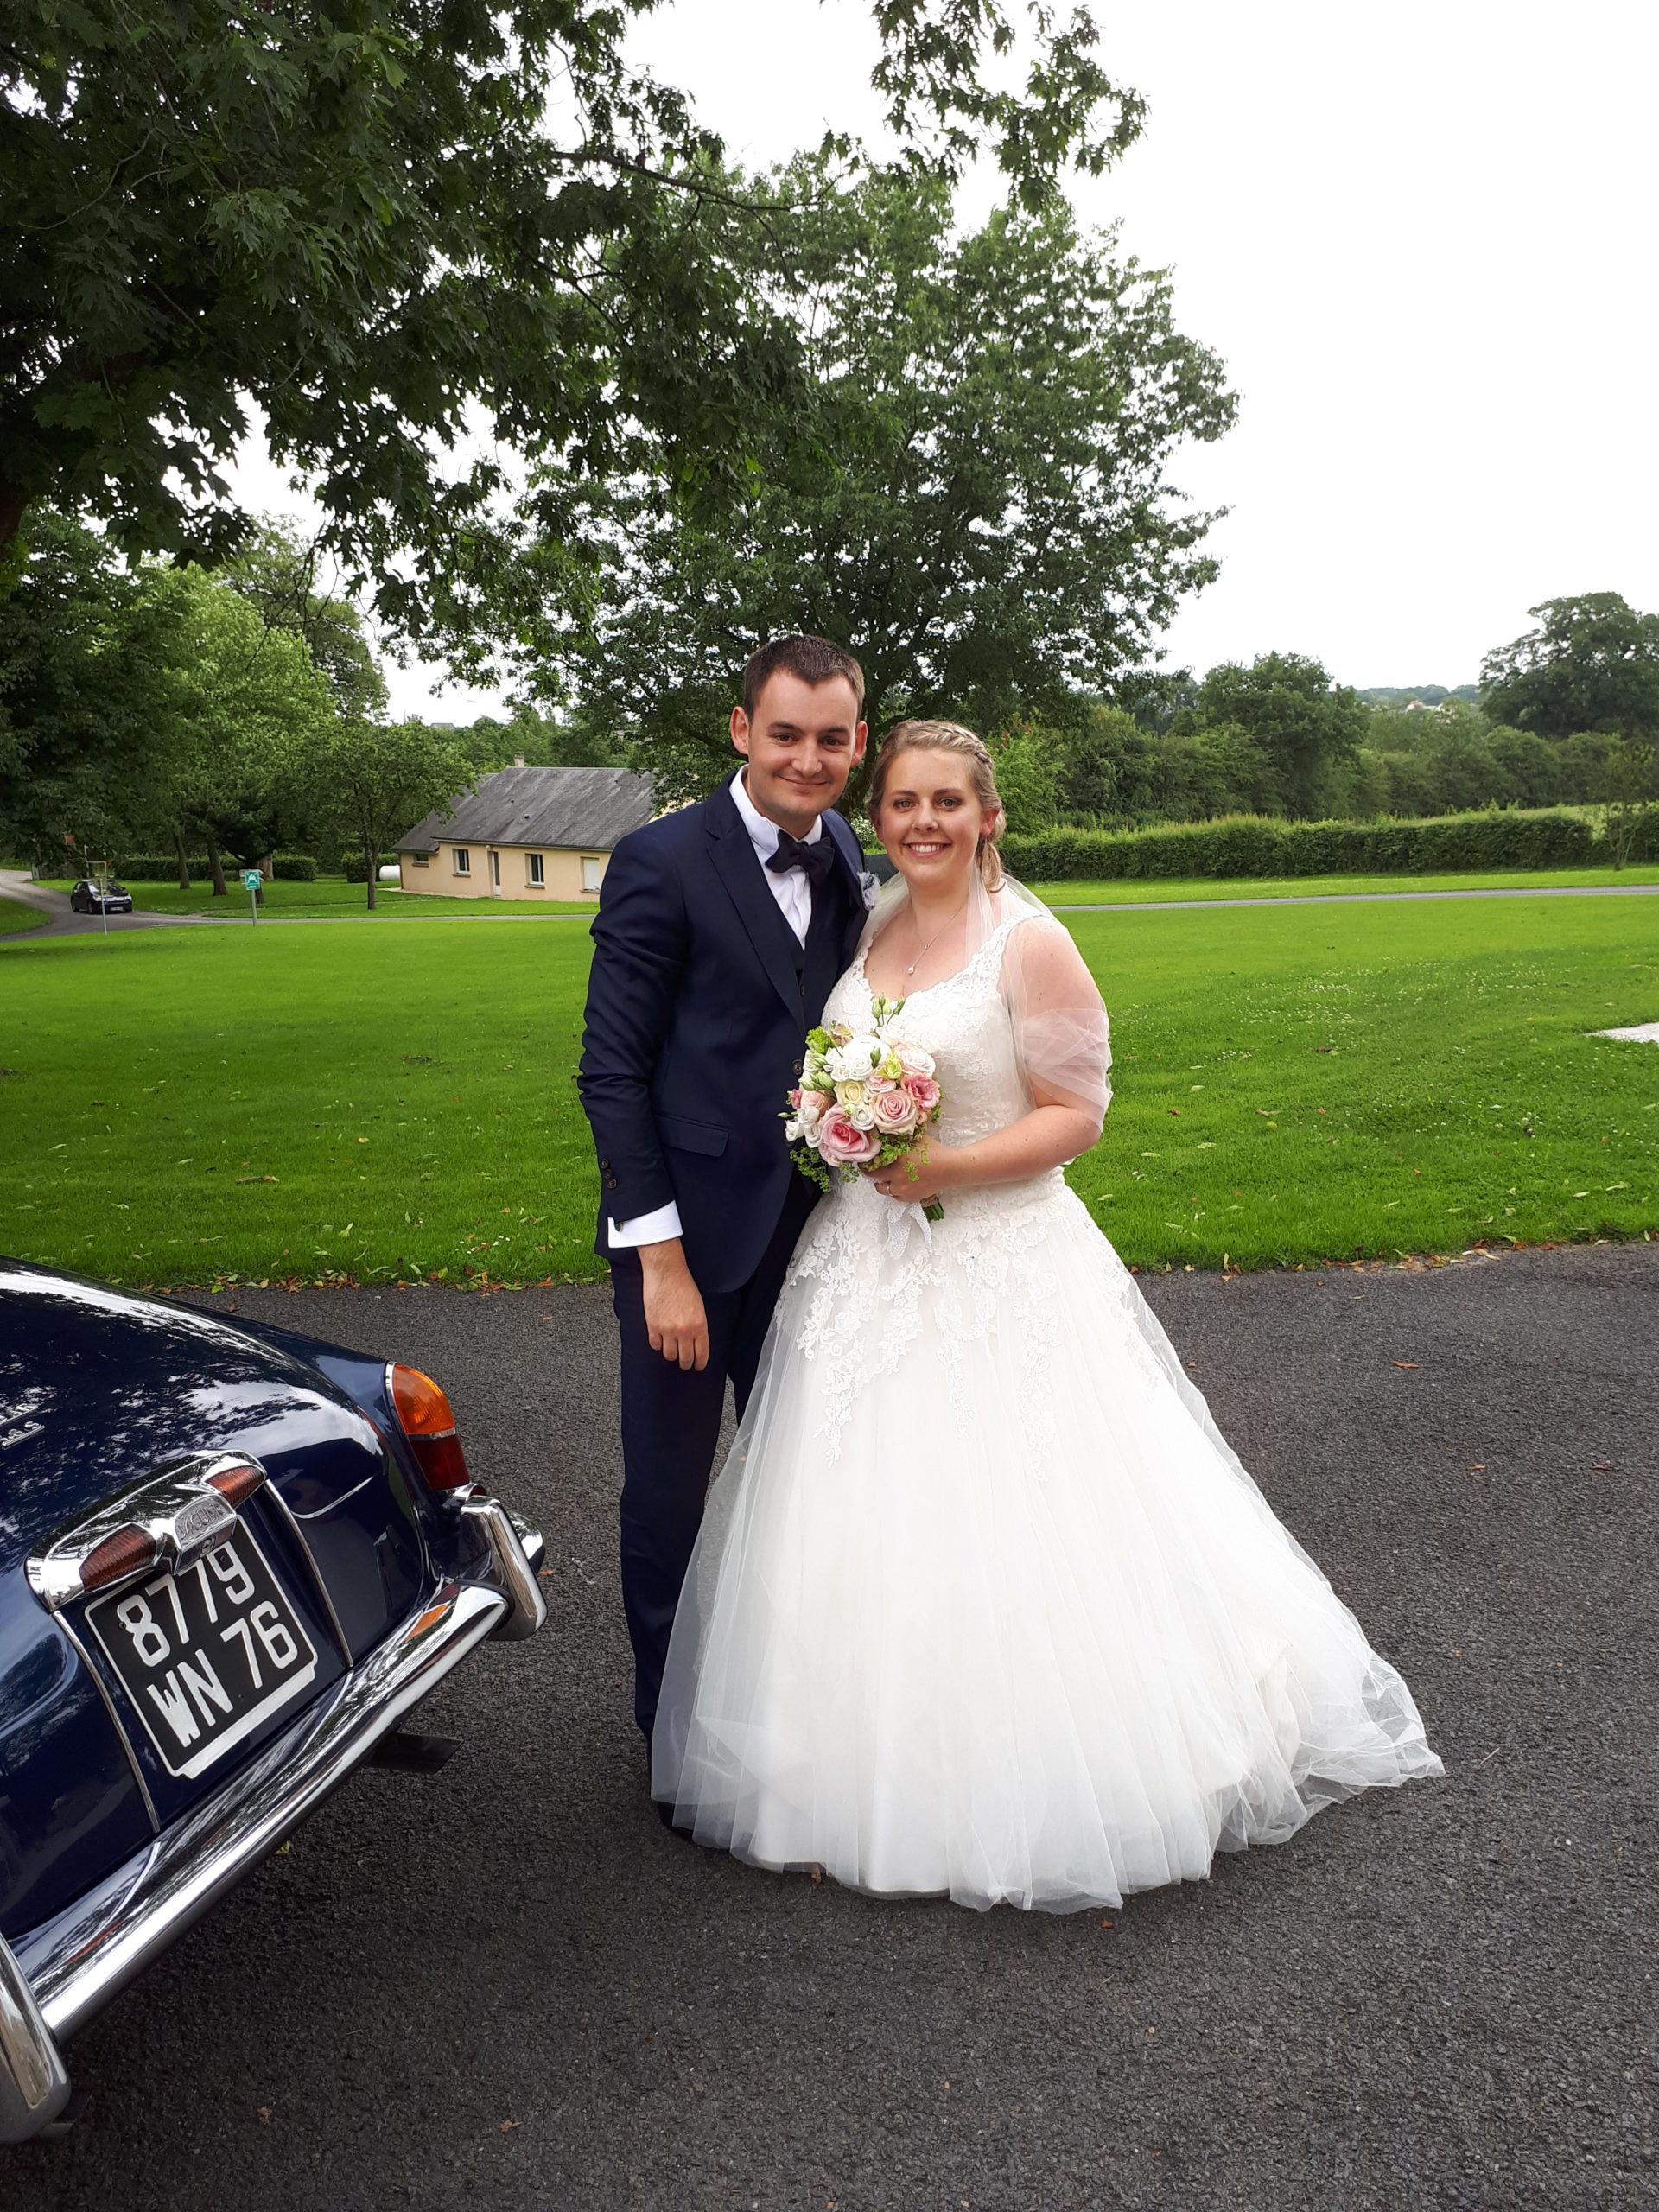 décoration-de-mariage-pont-ramond-orne